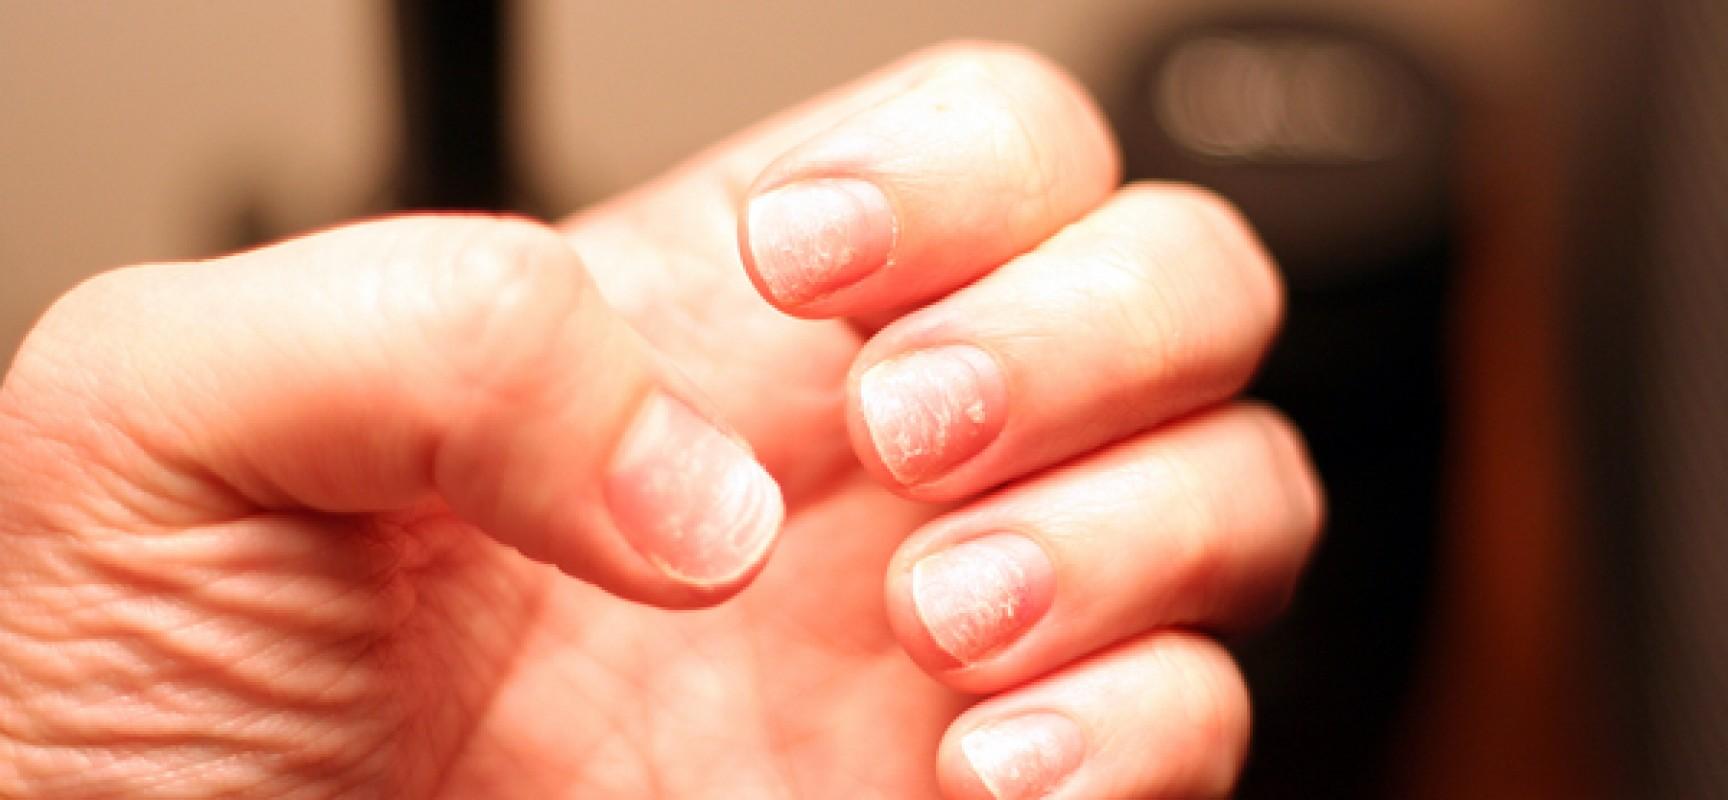 Хрупкие, ломкие, слоящиеся ногти – все это косметические проблемы.